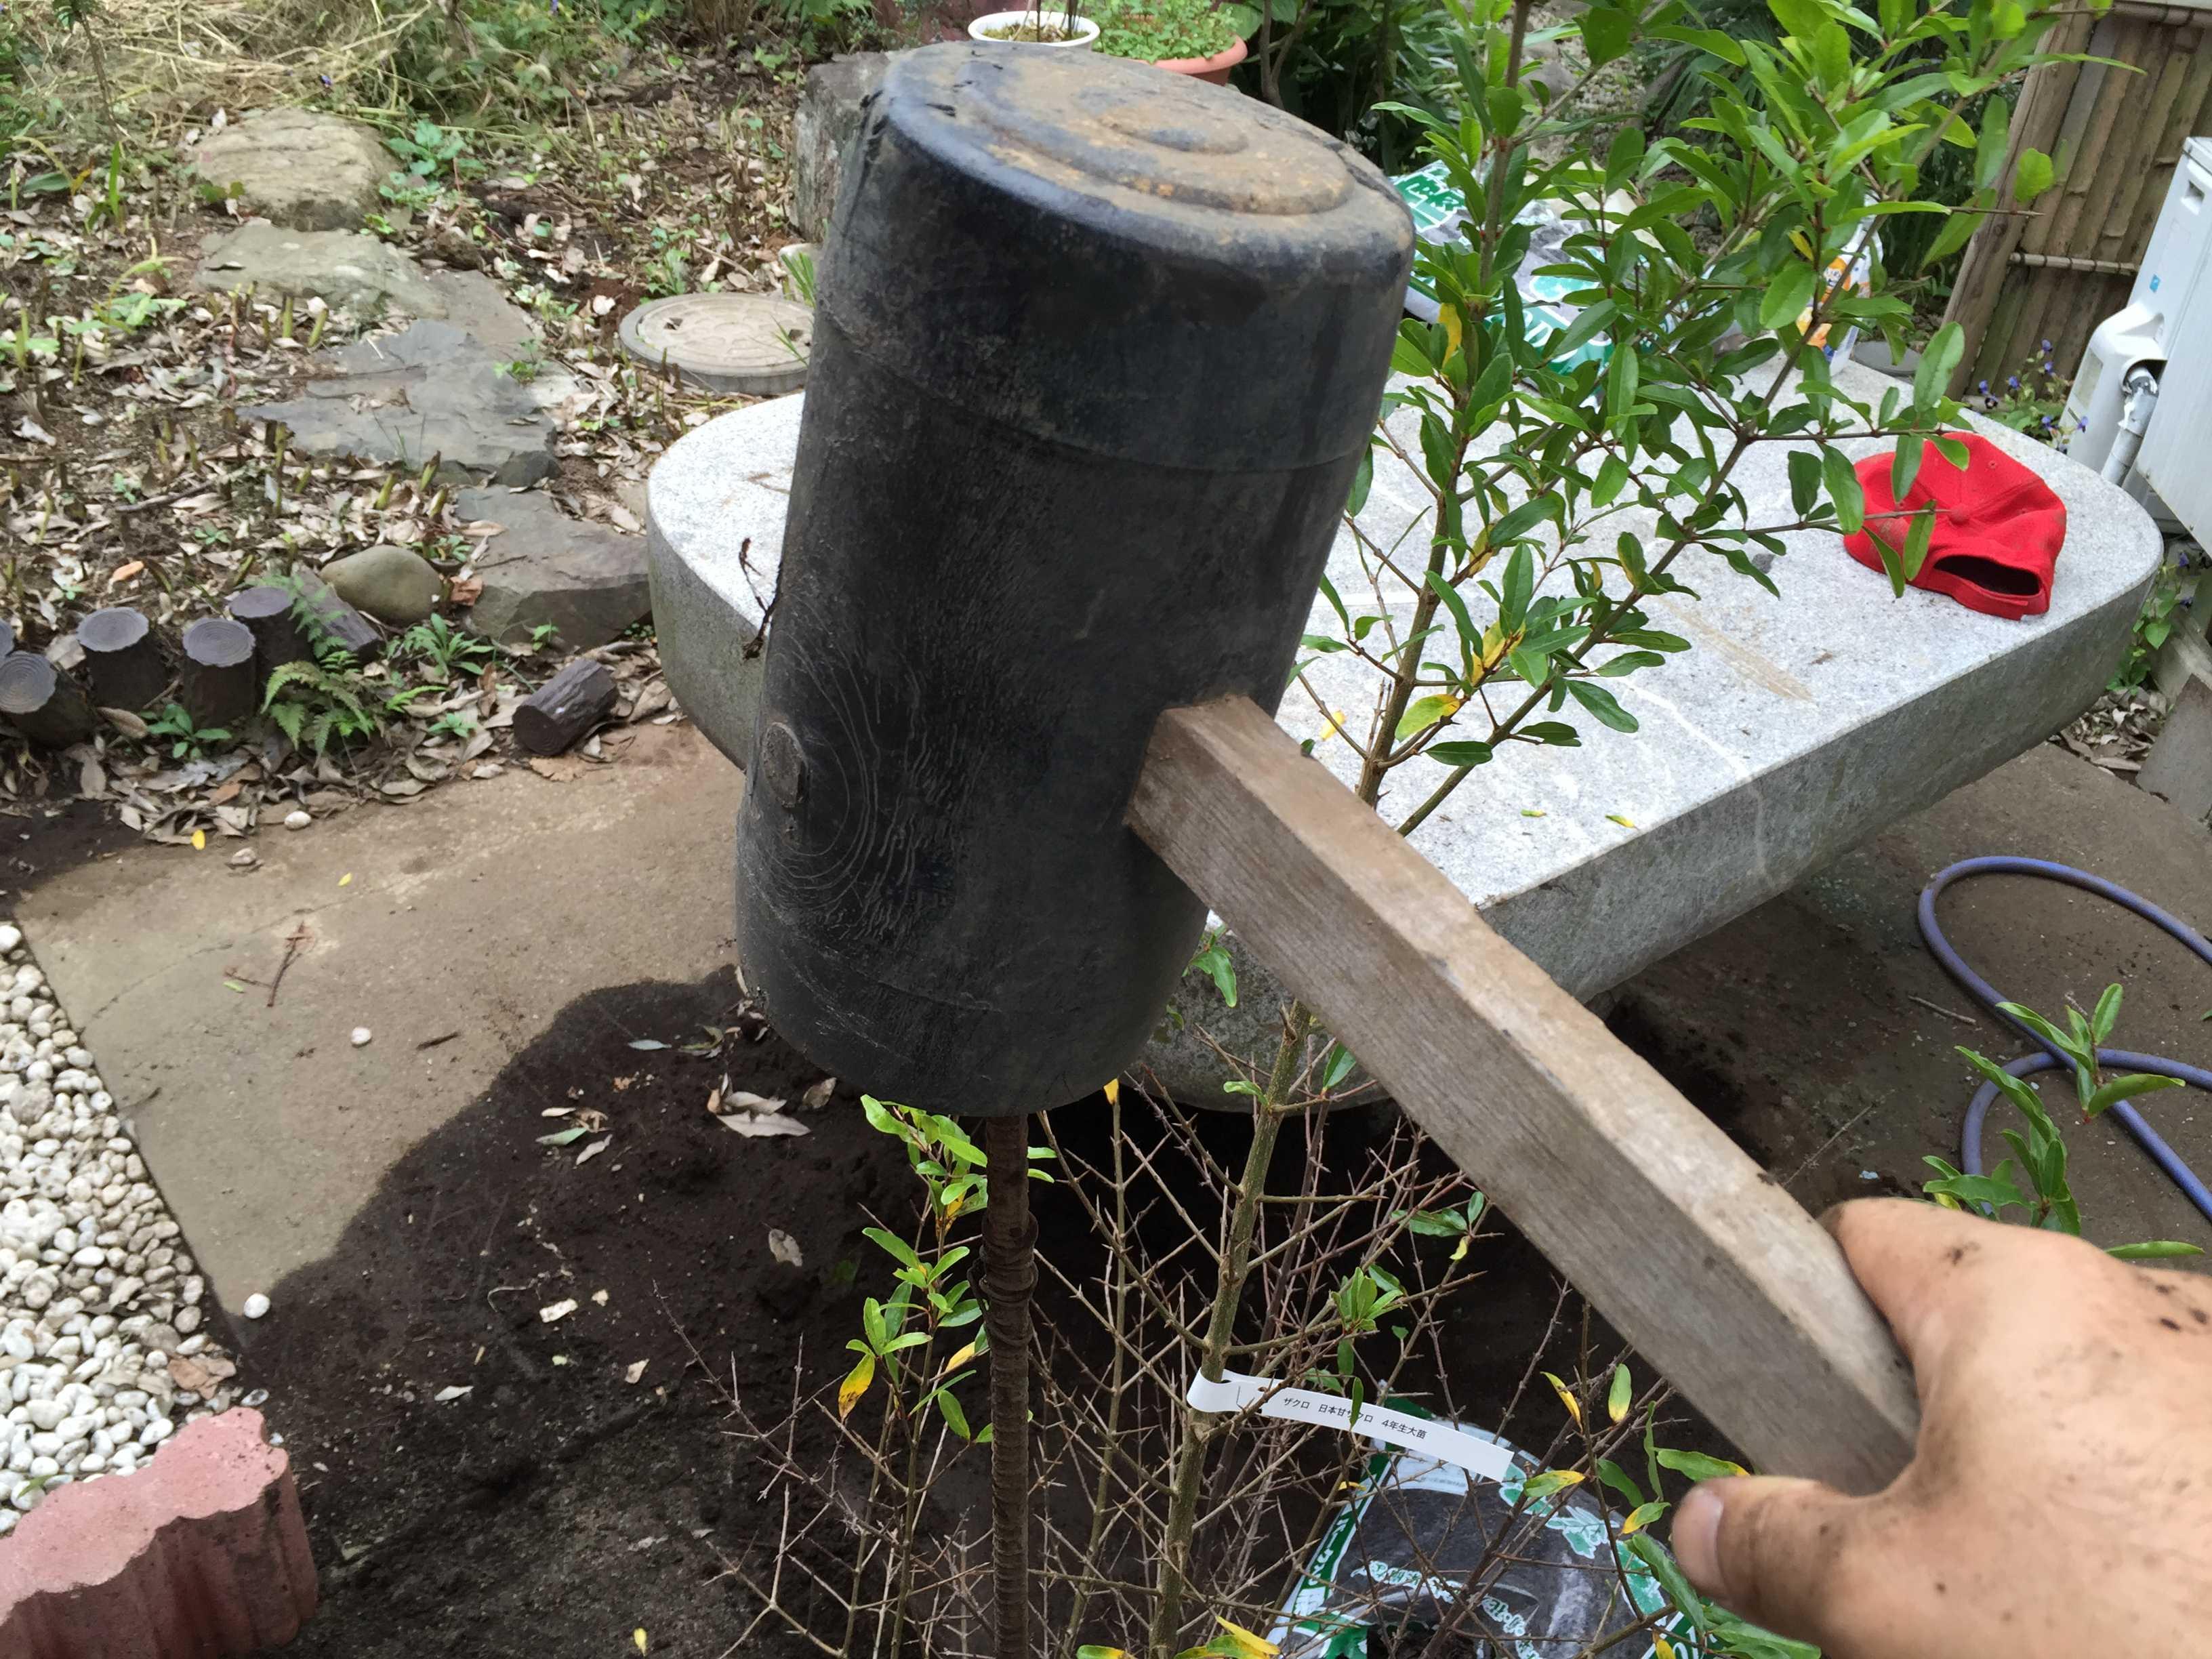 ザクロの植え付け: 支柱立て用のハンマー